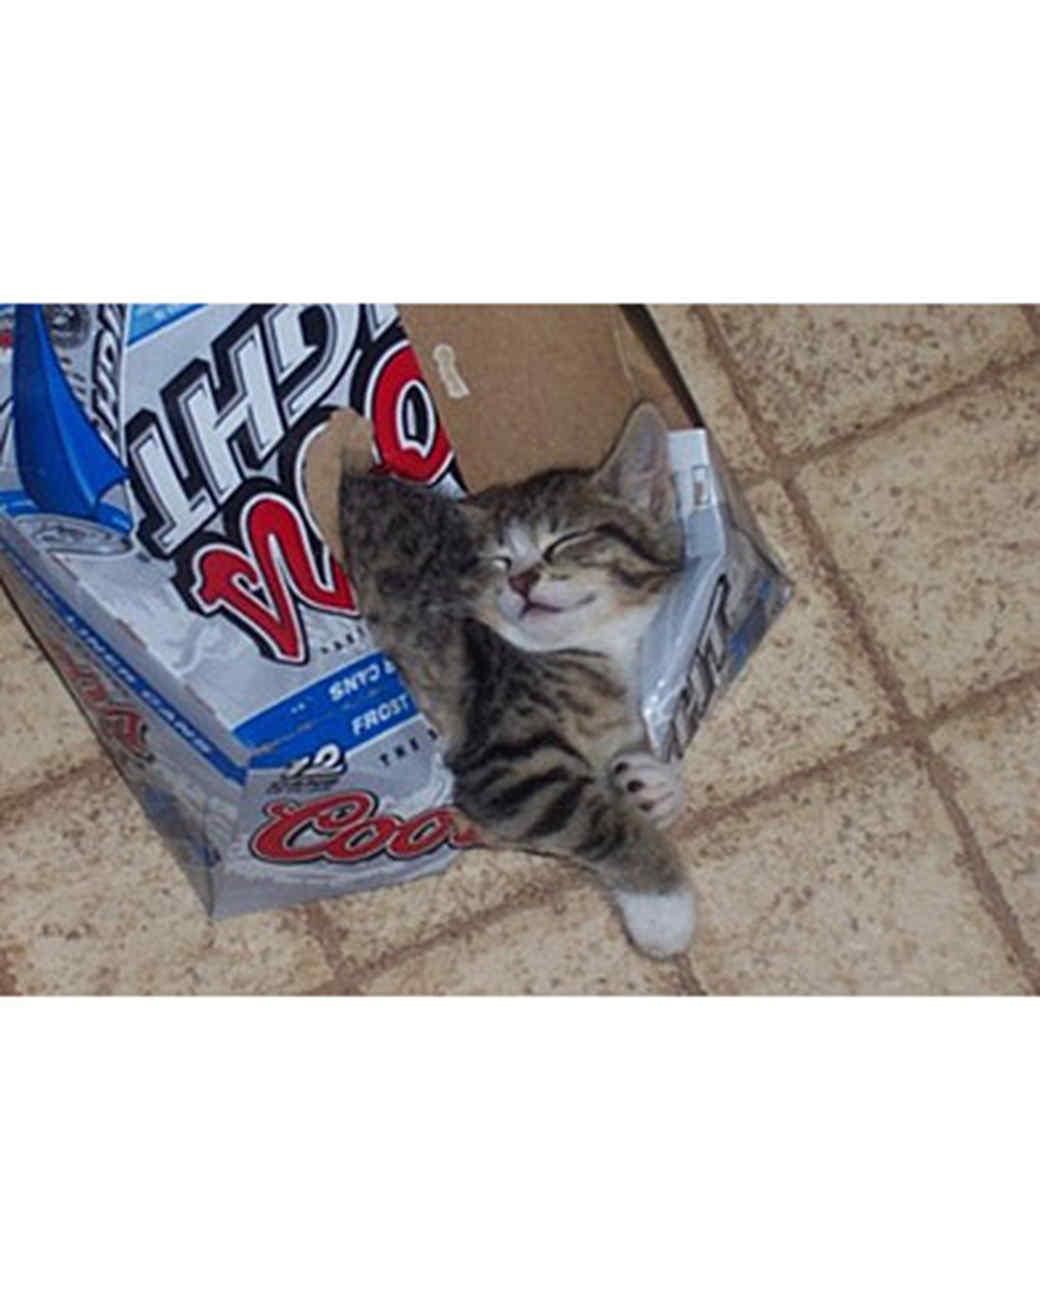 pets_kittens_0710_9739426_23636382.jpg